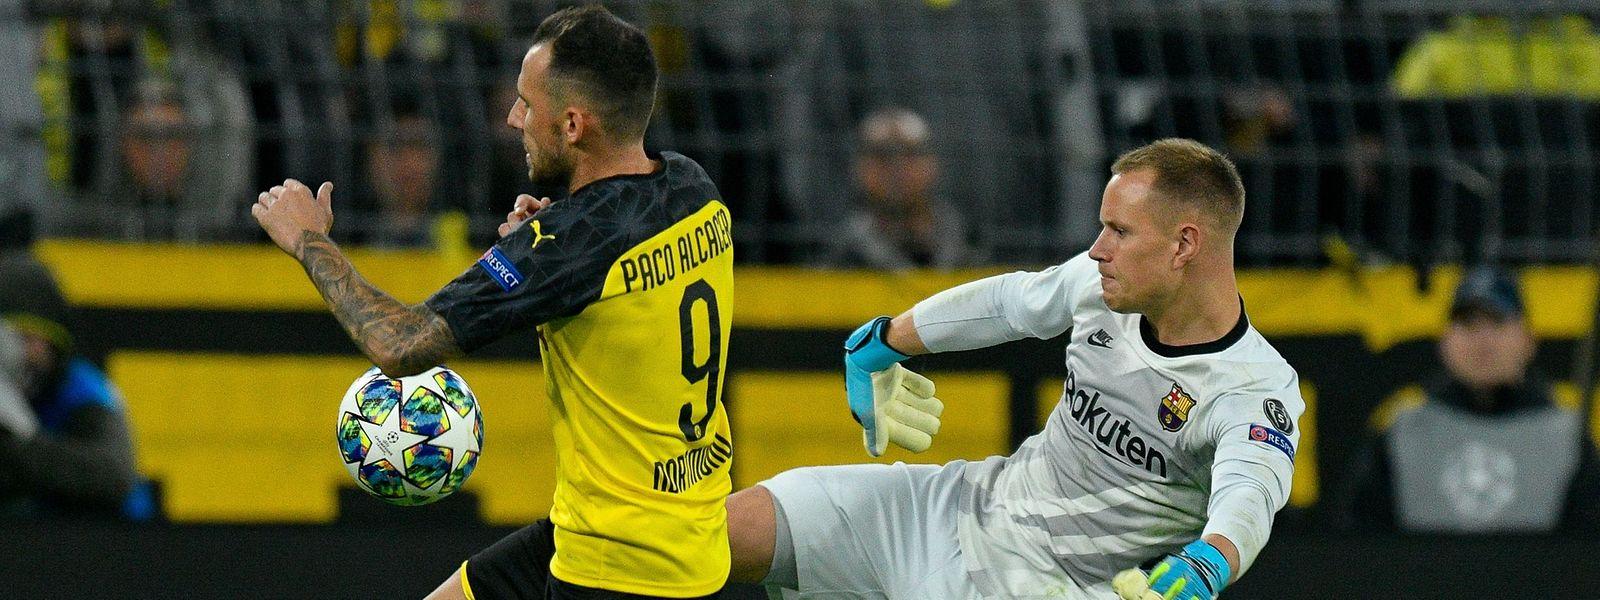 Dortmunds Stürmer Paco Alcacer (l.) ackert, Barcelonas Torwart Marc-André Ter Stegen glänzt.